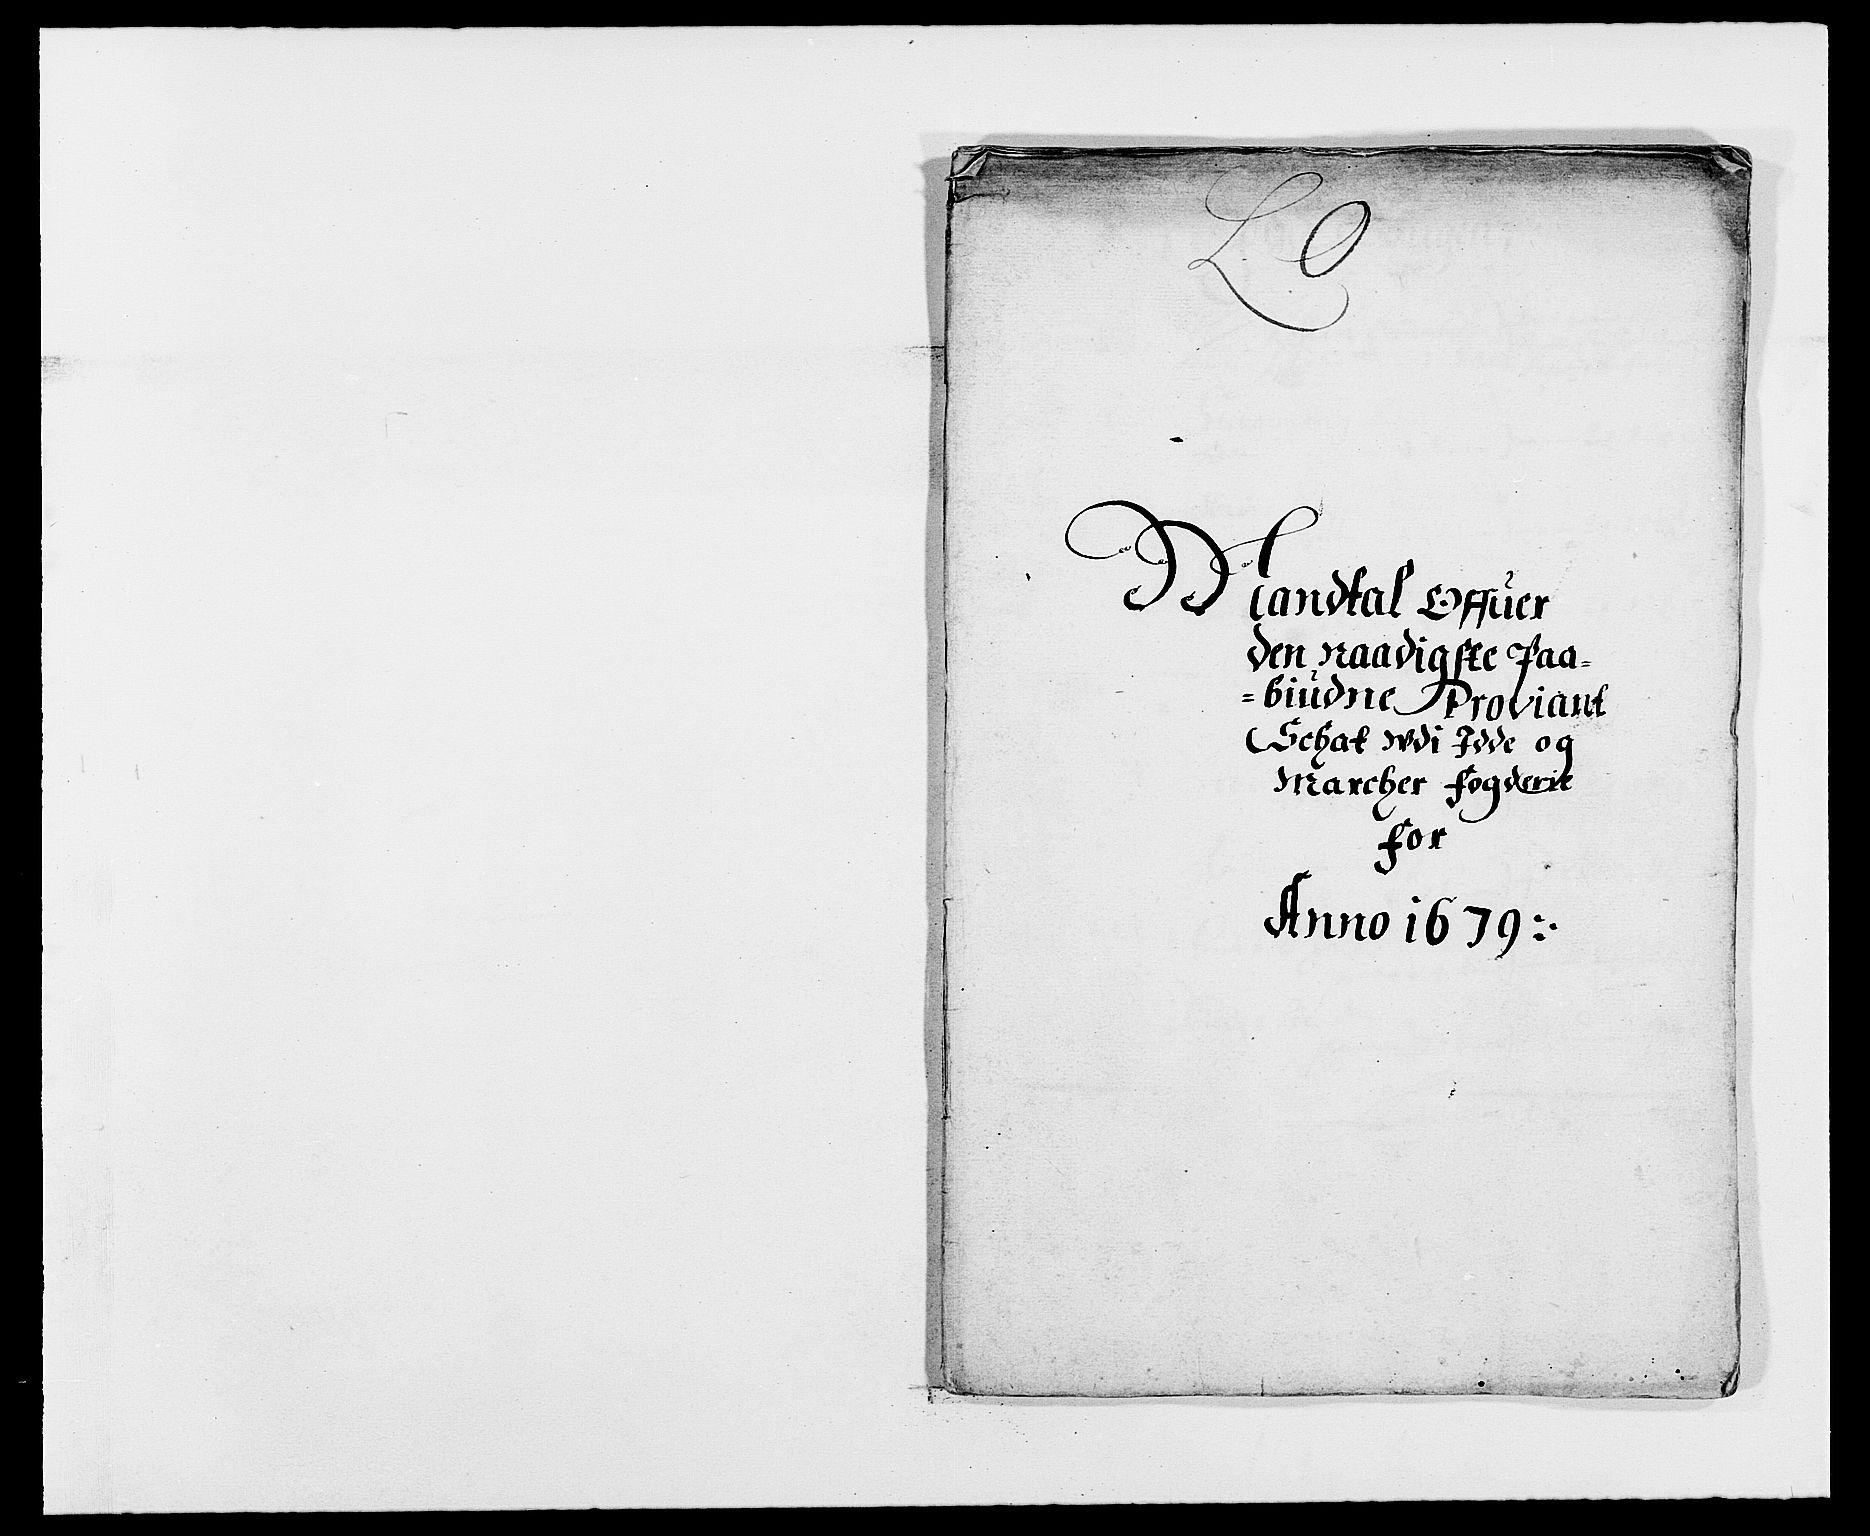 RA, Rentekammeret inntil 1814, Reviderte regnskaper, Fogderegnskap, R01/L0001: Fogderegnskap Idd og Marker, 1678-1679, s. 360